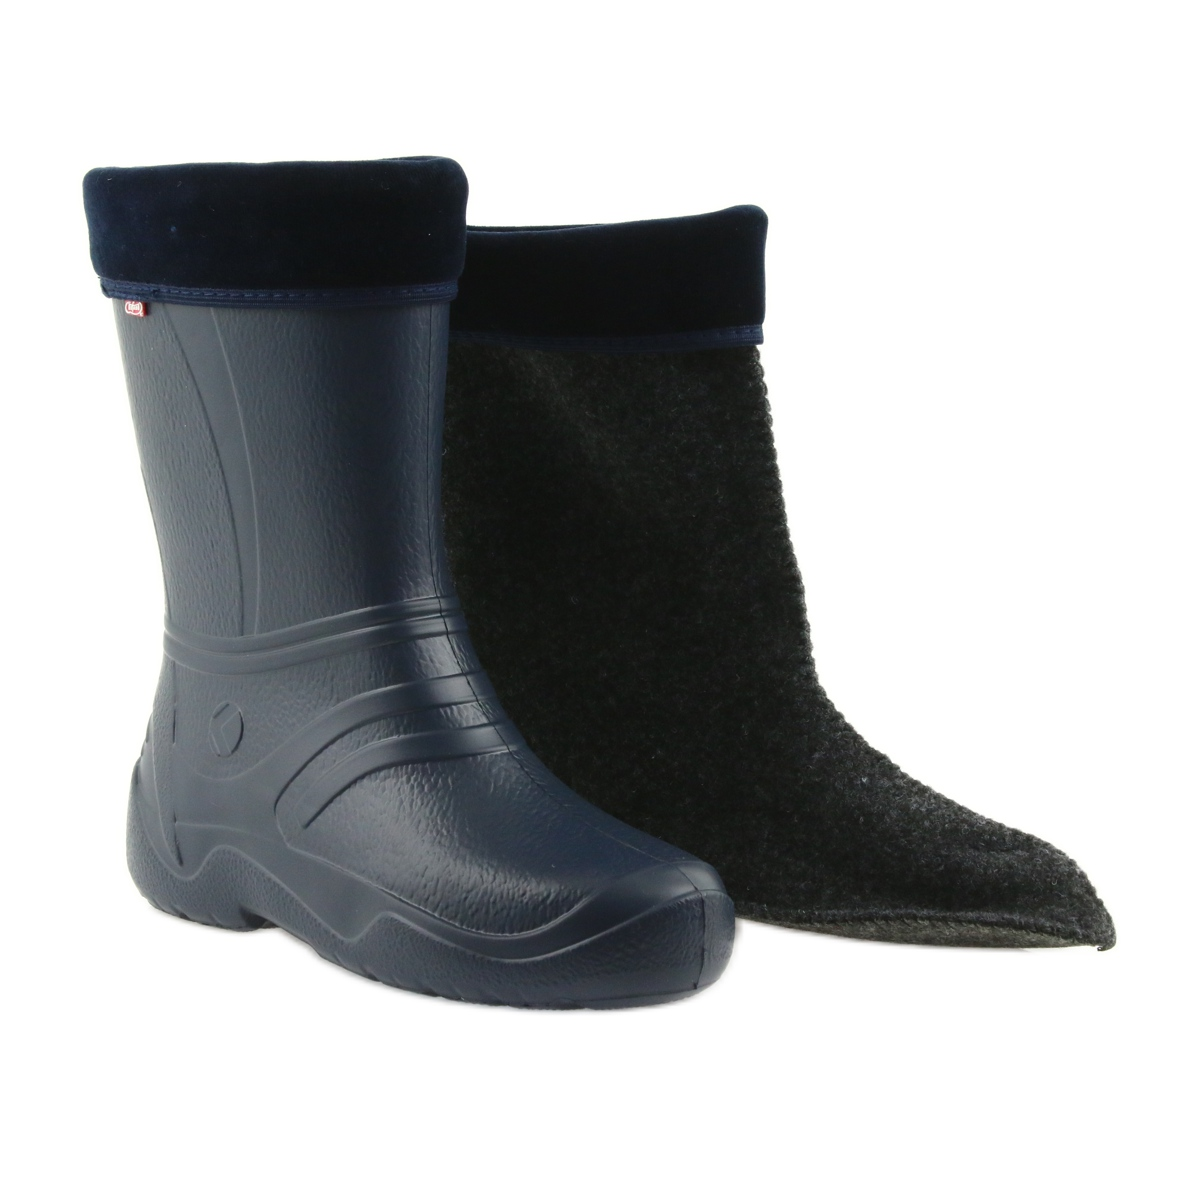 Détails sur Bottes Befado bleu marine pour femmes avec une chaussette 162Q103